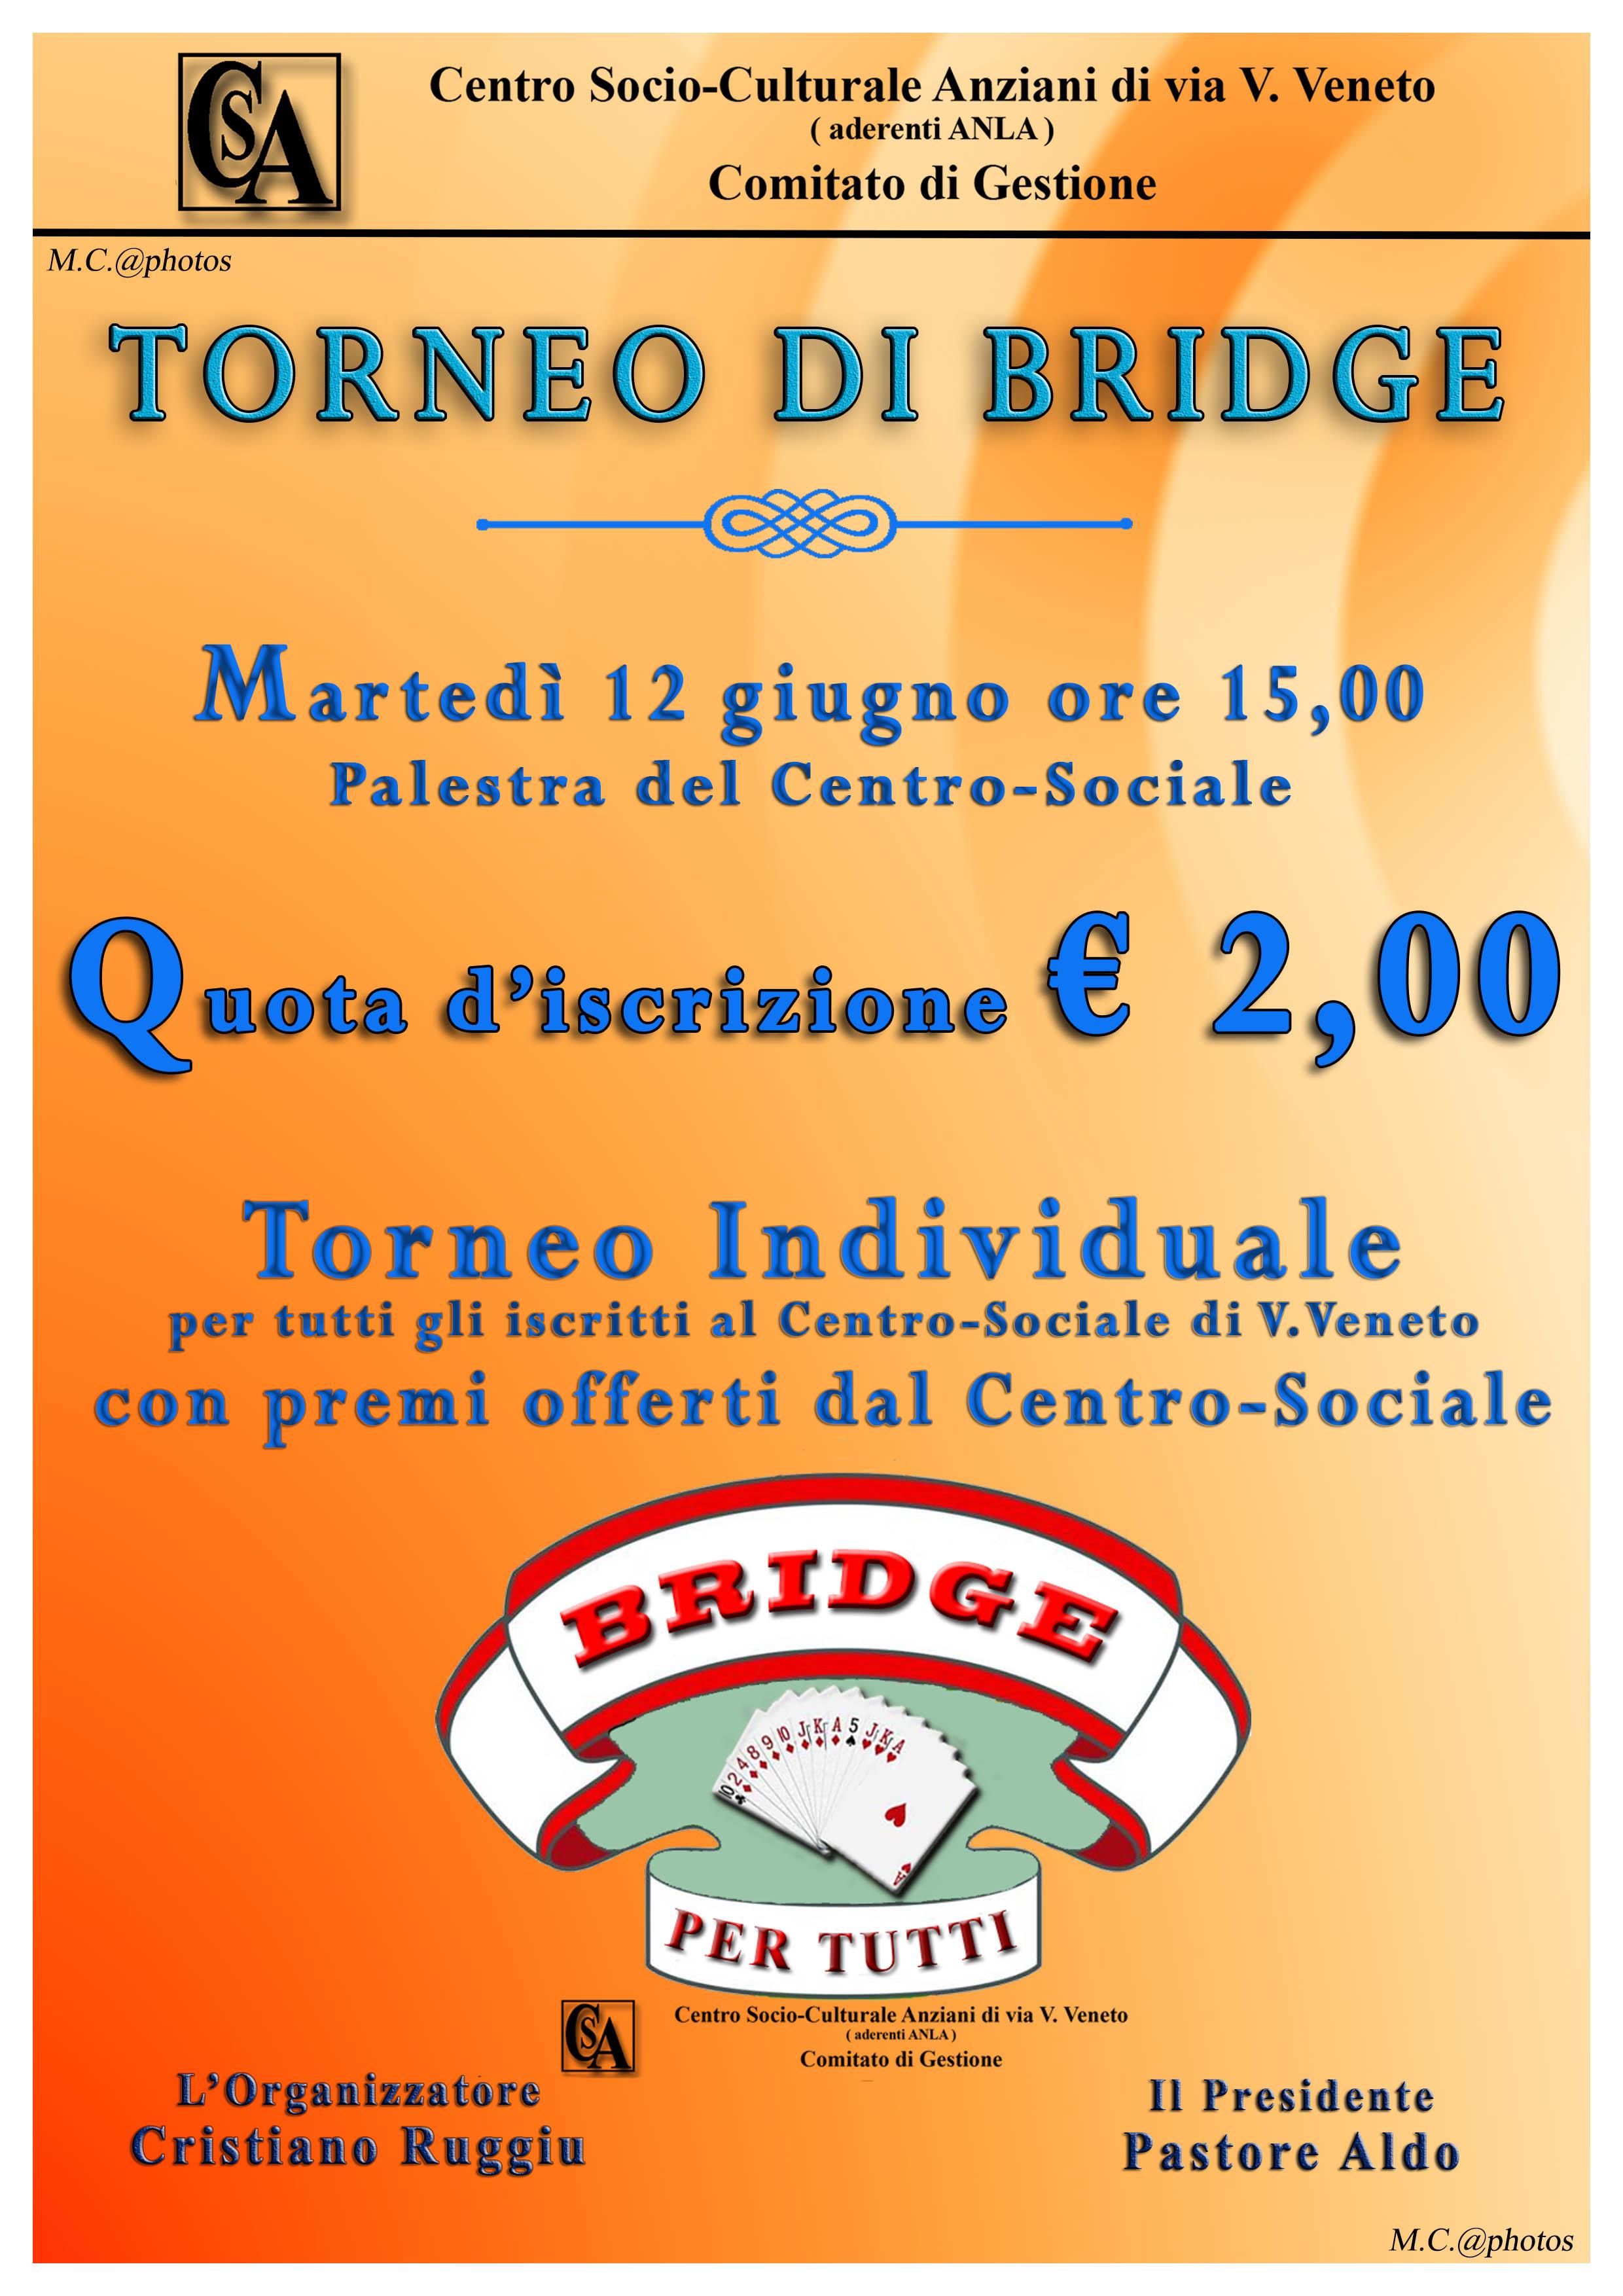 TORNEO DI BRIDGElow